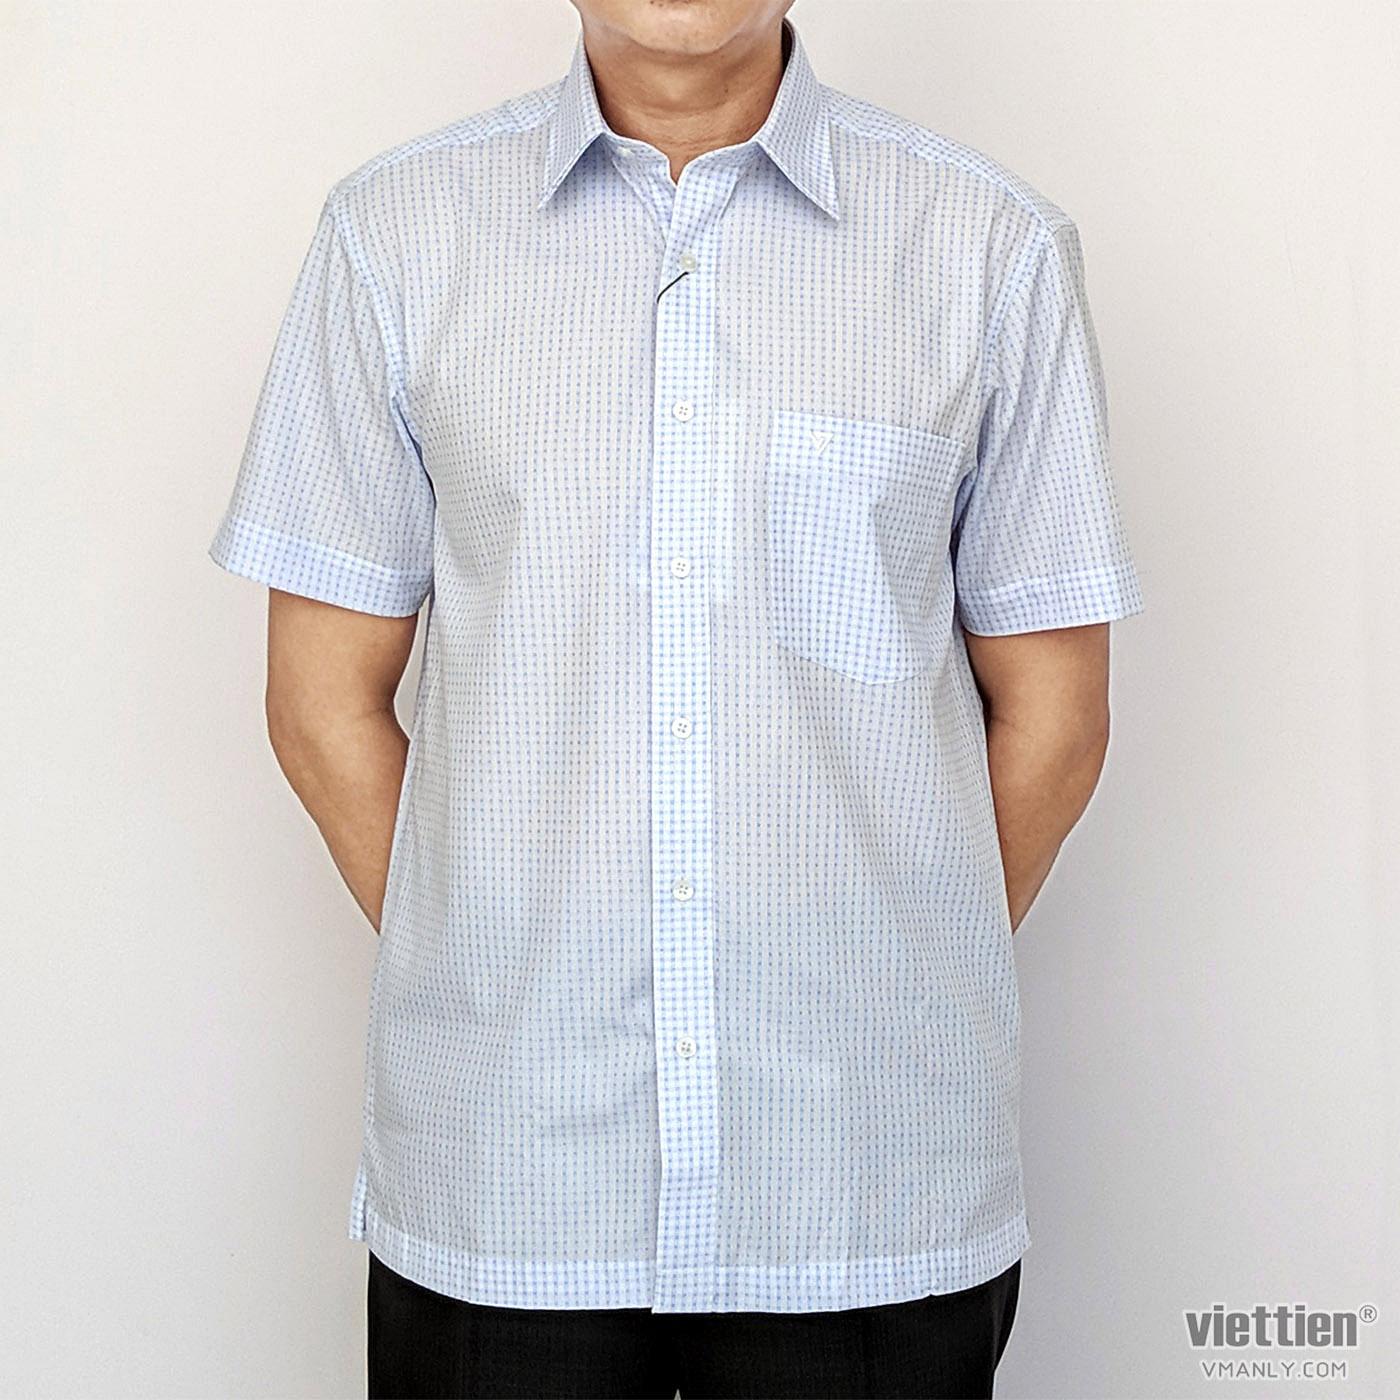 Áo sơ mi nam ngắn tay Việt Tiến màu trắng caro xanh 1N2332